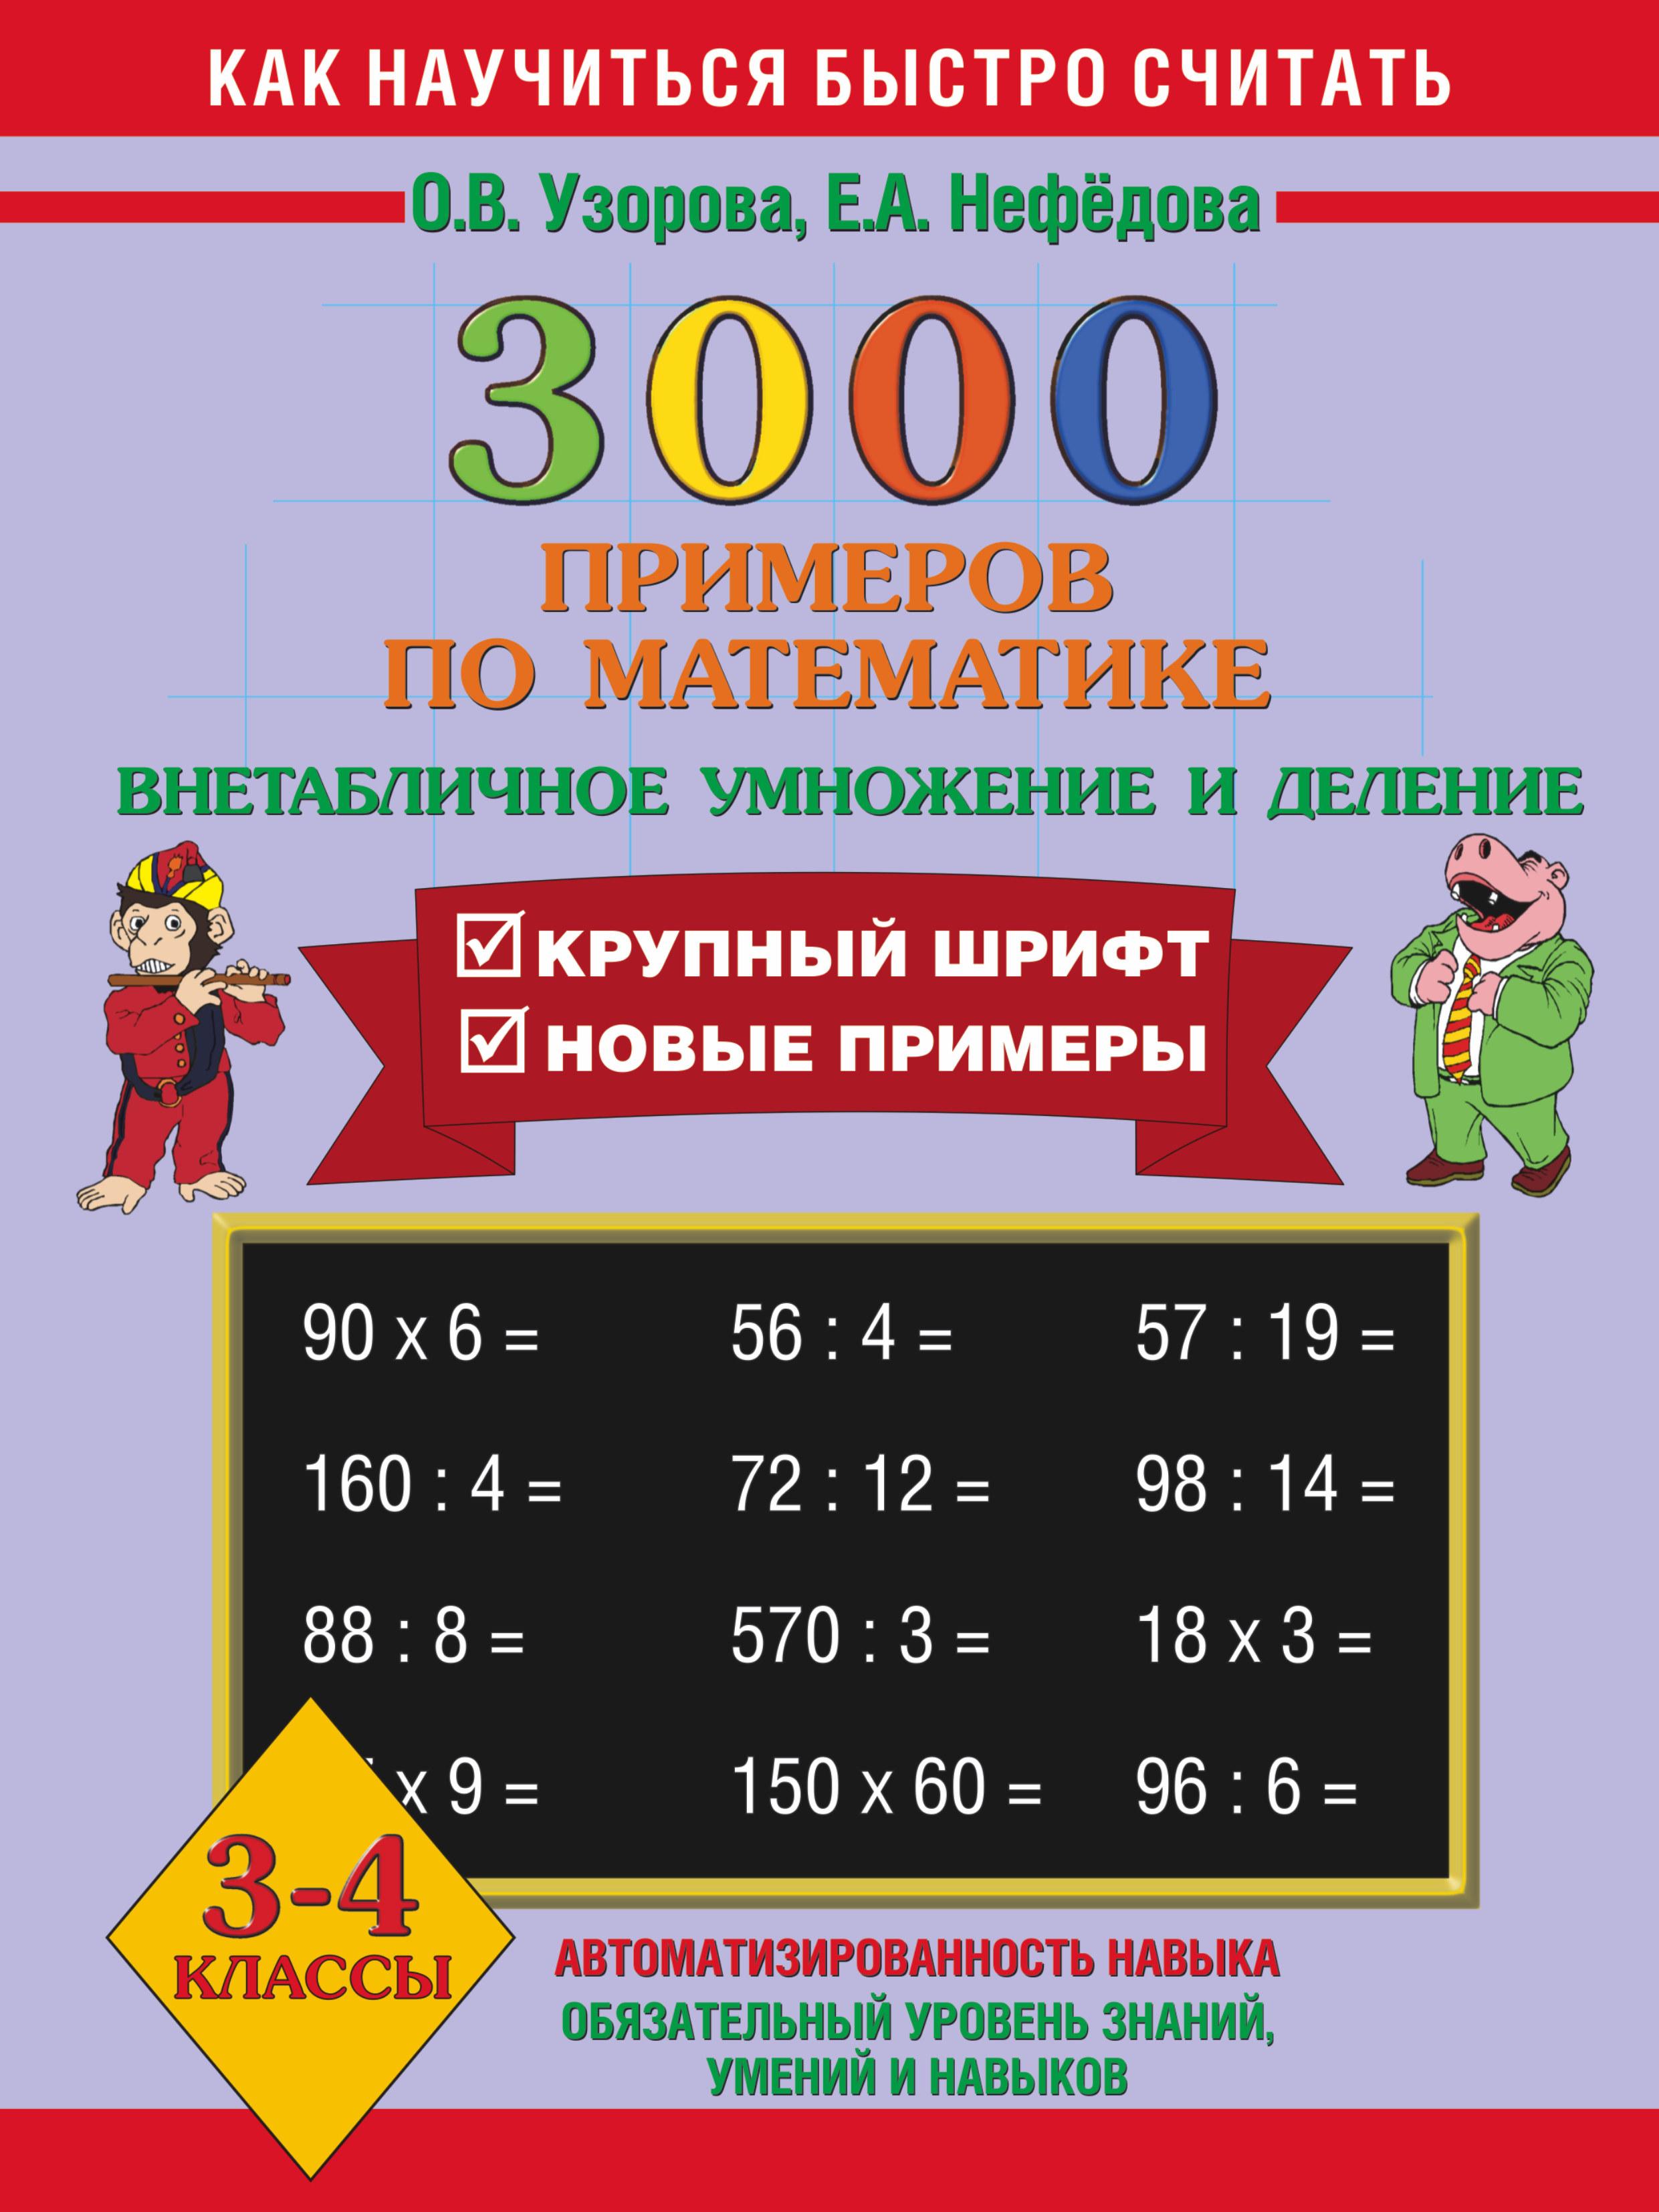 3000 примеров по математике. Внетабличное умножение и деление. 3-4 класс + Новые примеры ( Узорова О.В.  )